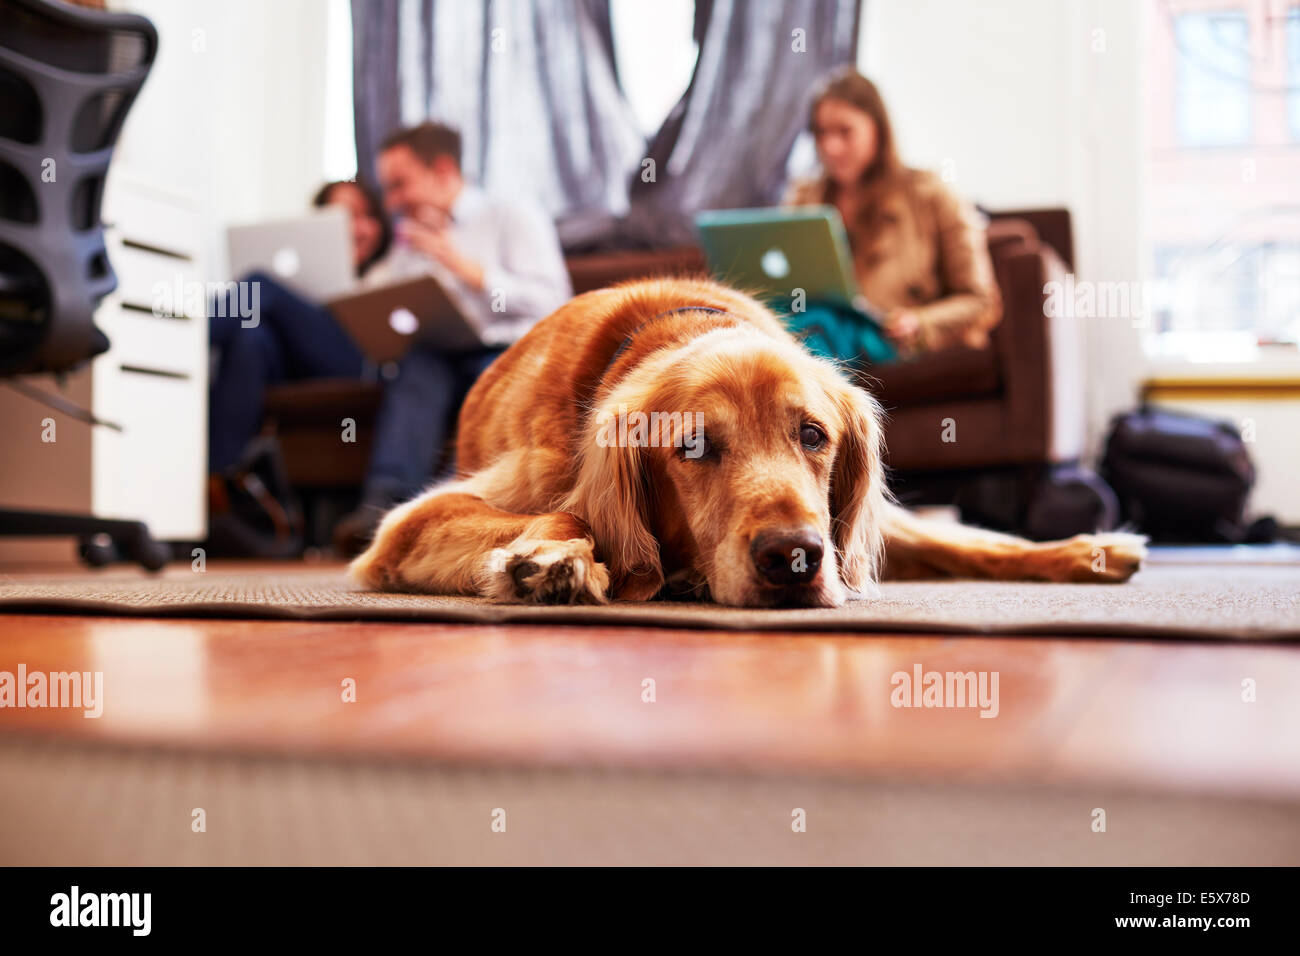 Ritratto di annoiarsi cane sdraiato sul tappeto, persone con notebook in background Immagini Stock